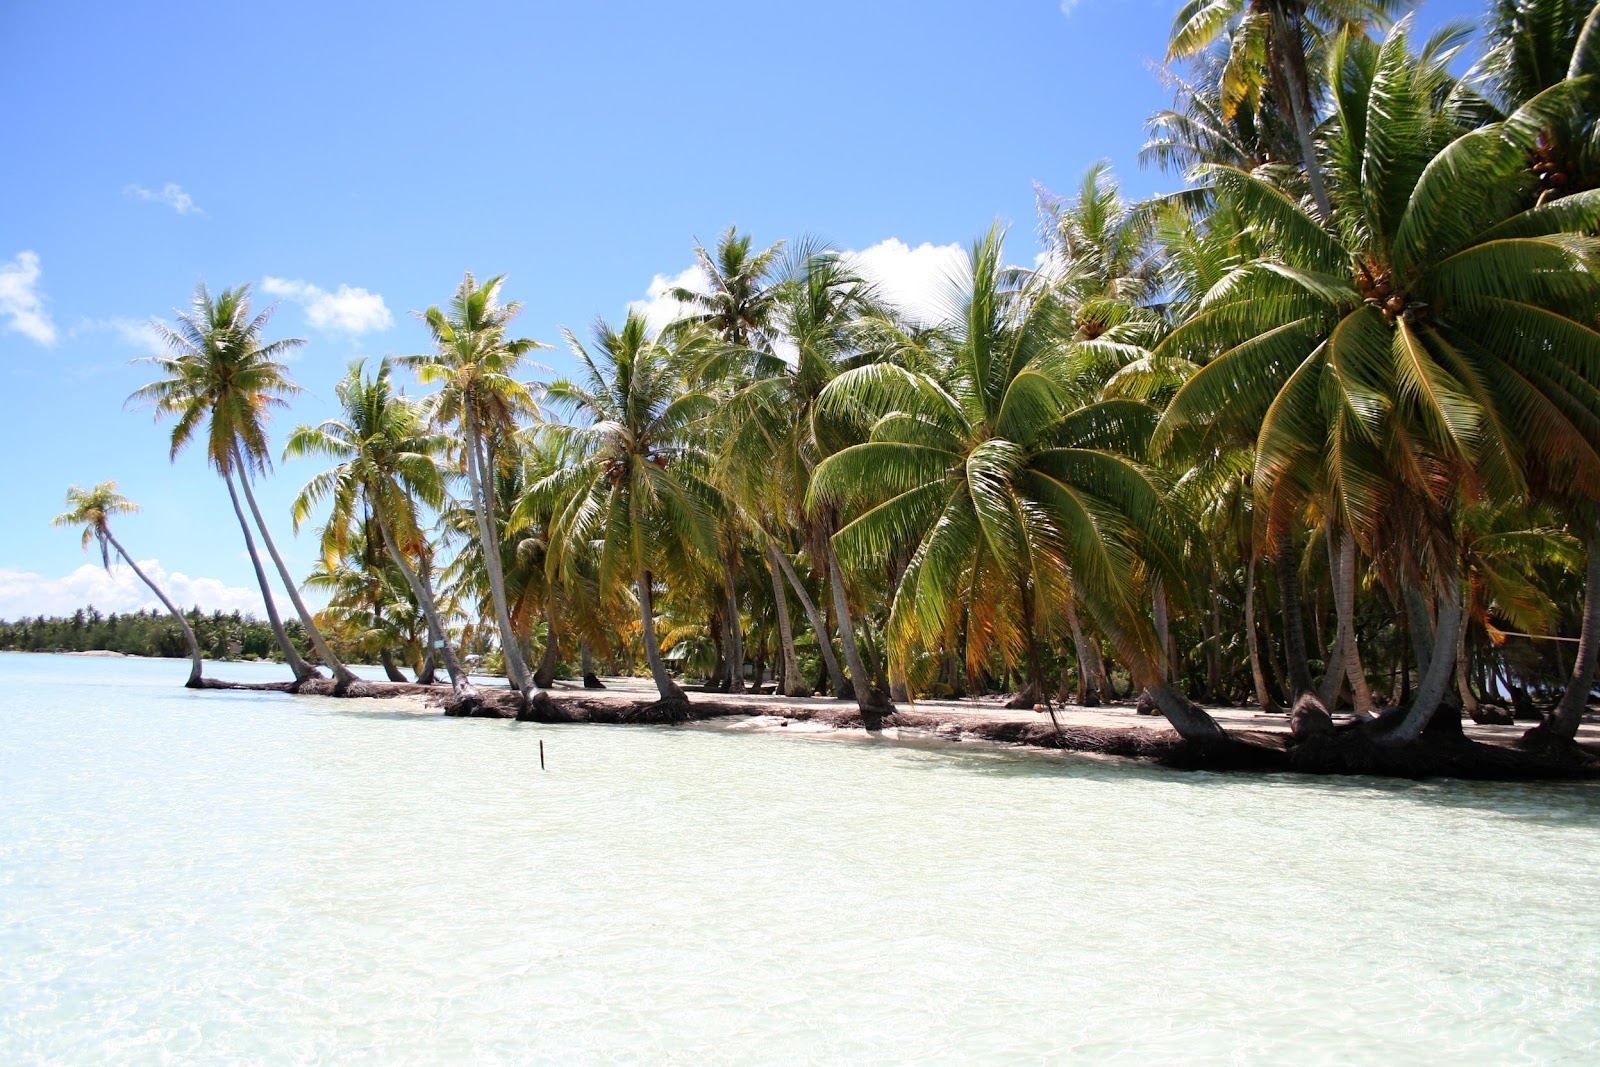 coconut tress on the beach